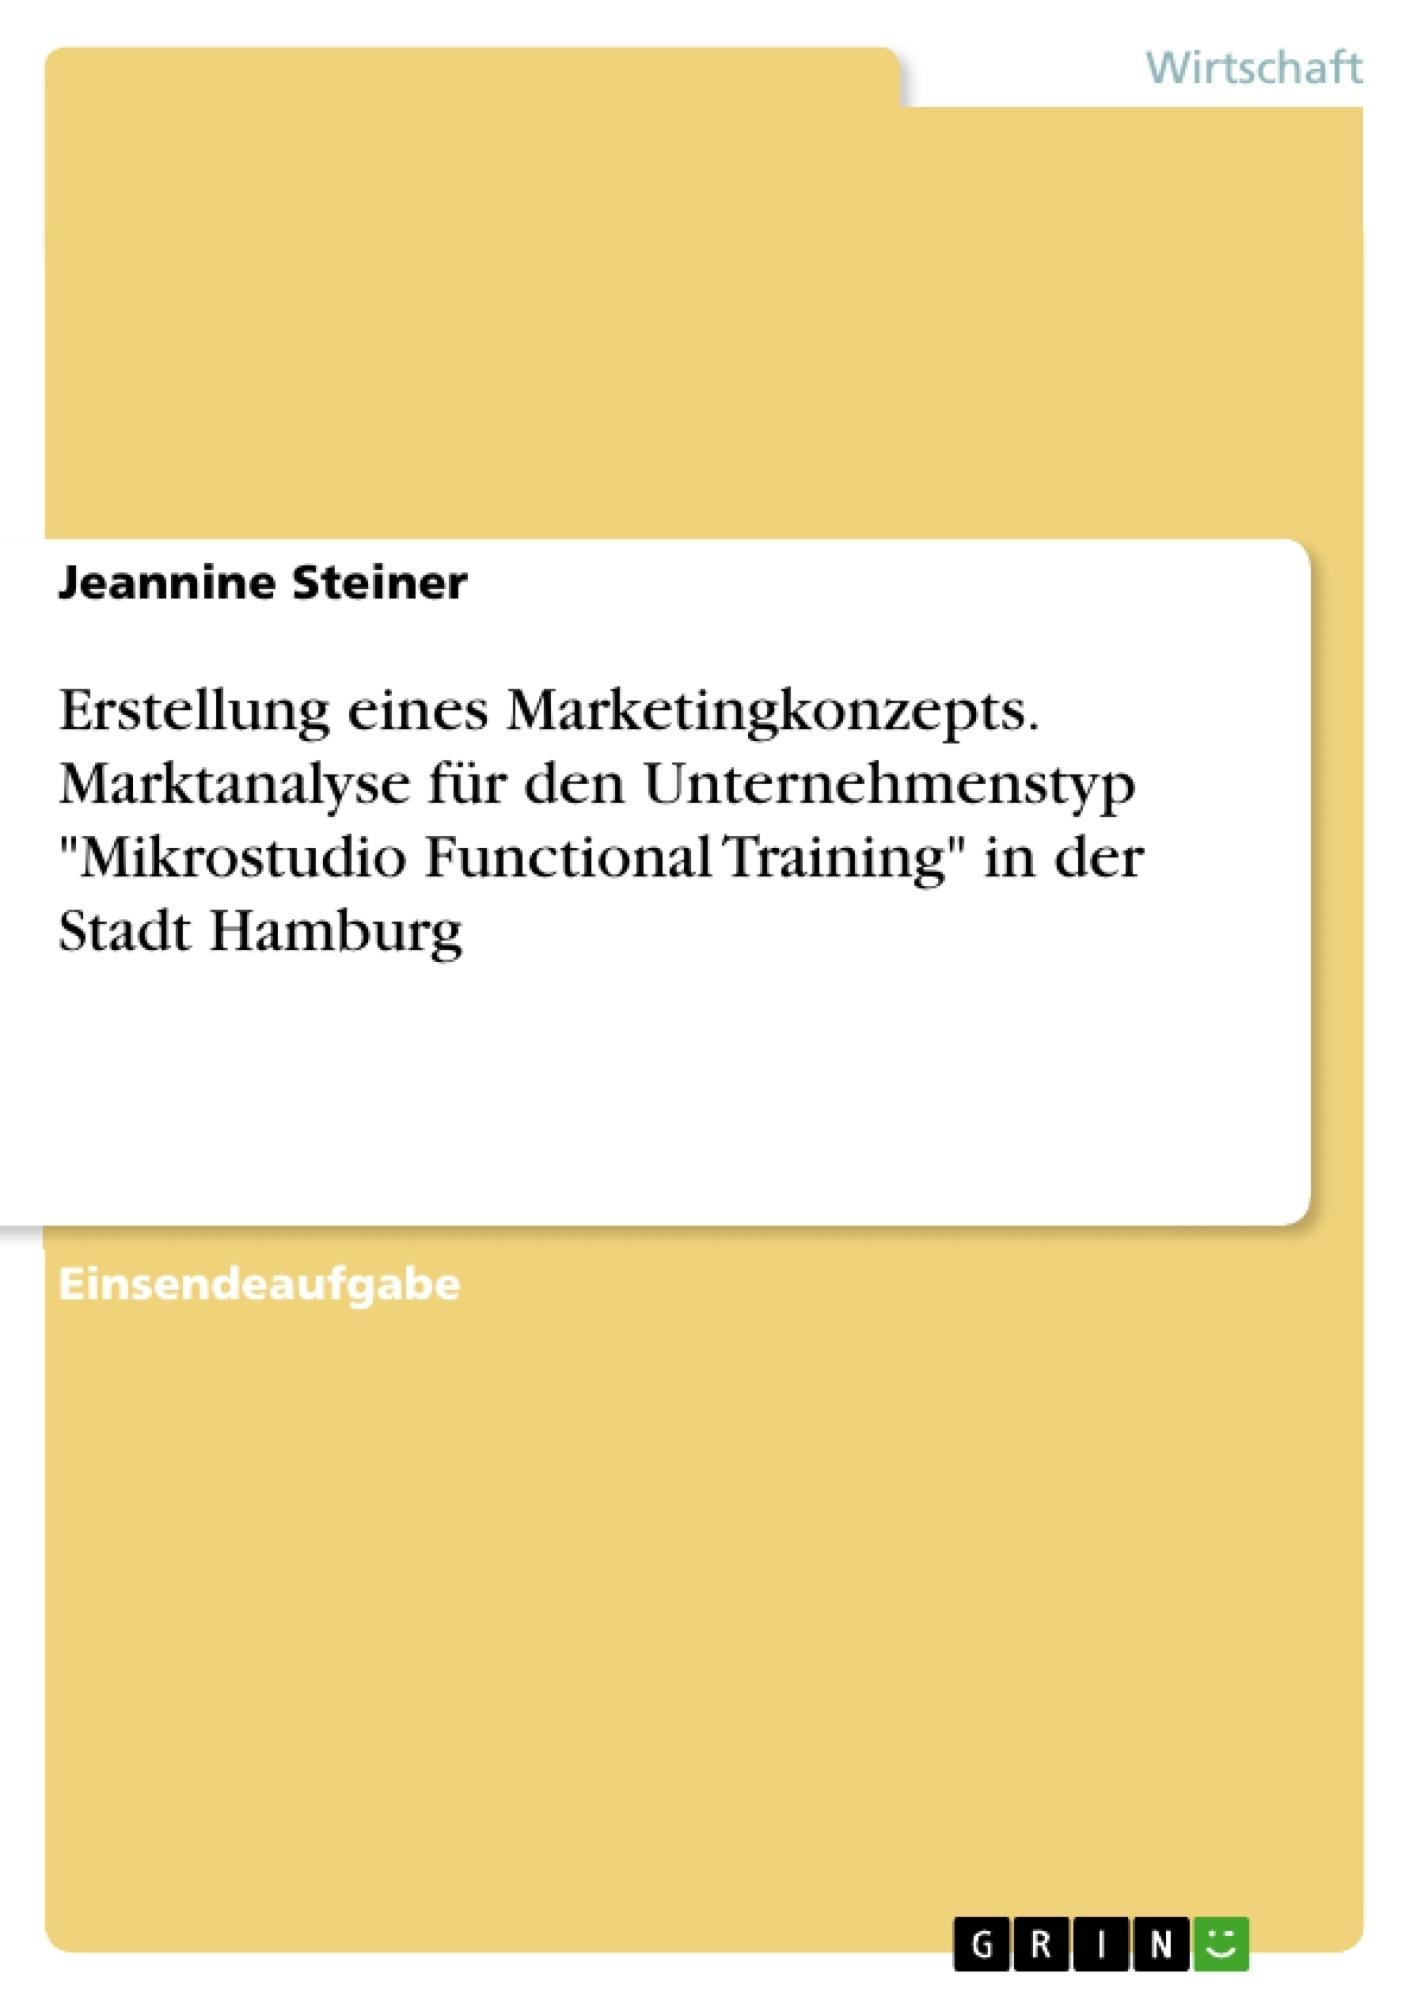 """Titel: Erstellung eines Marketingkonzepts. Marktanalyse für den Unternehmenstyp """"Mikrostudio Functional Training"""" in der Stadt Hamburg"""